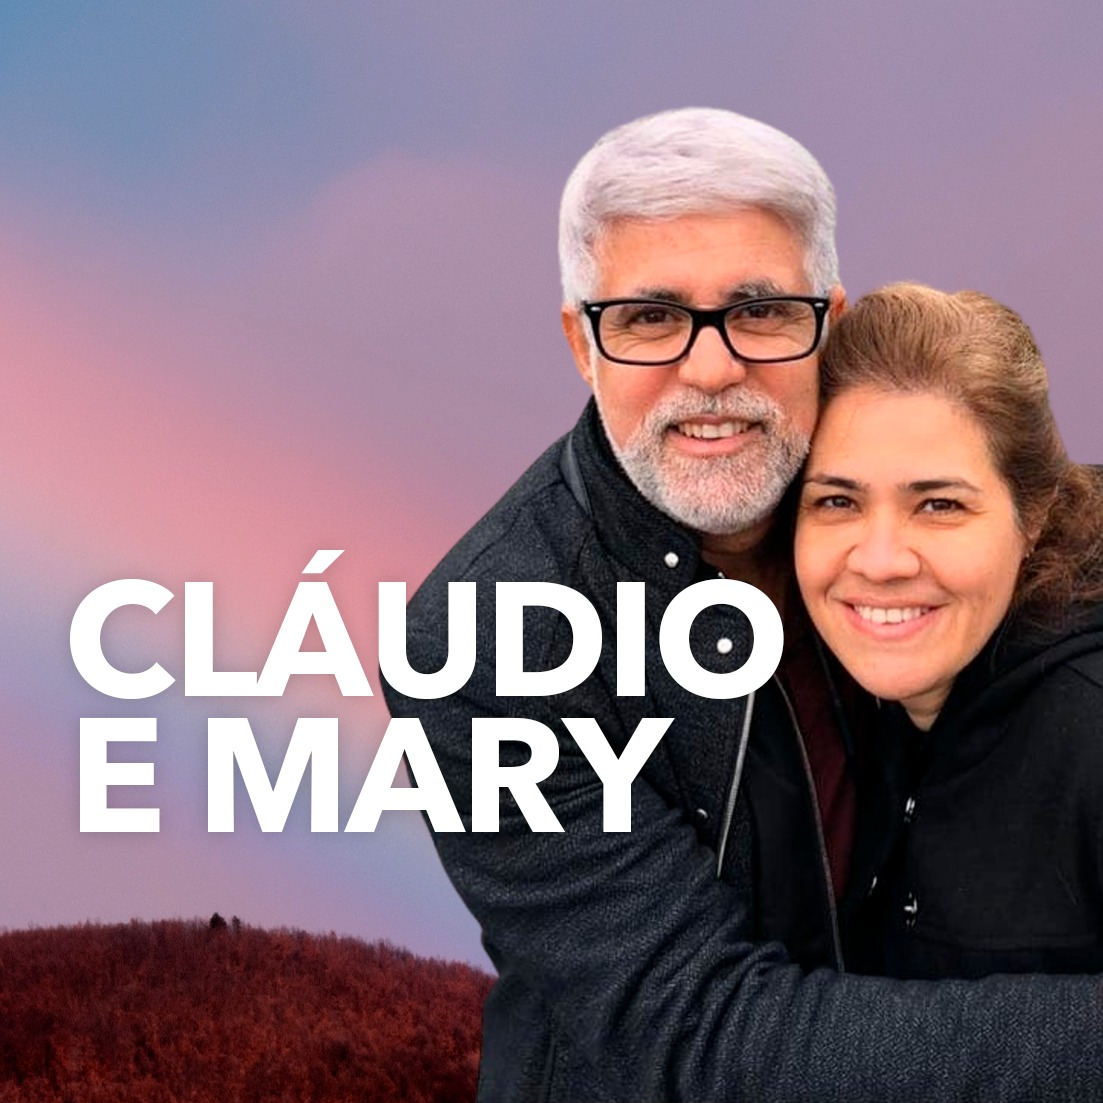 Mês dos Namorados: aplicativo Glorify lança conteúdos especiais sobre relacionamentos